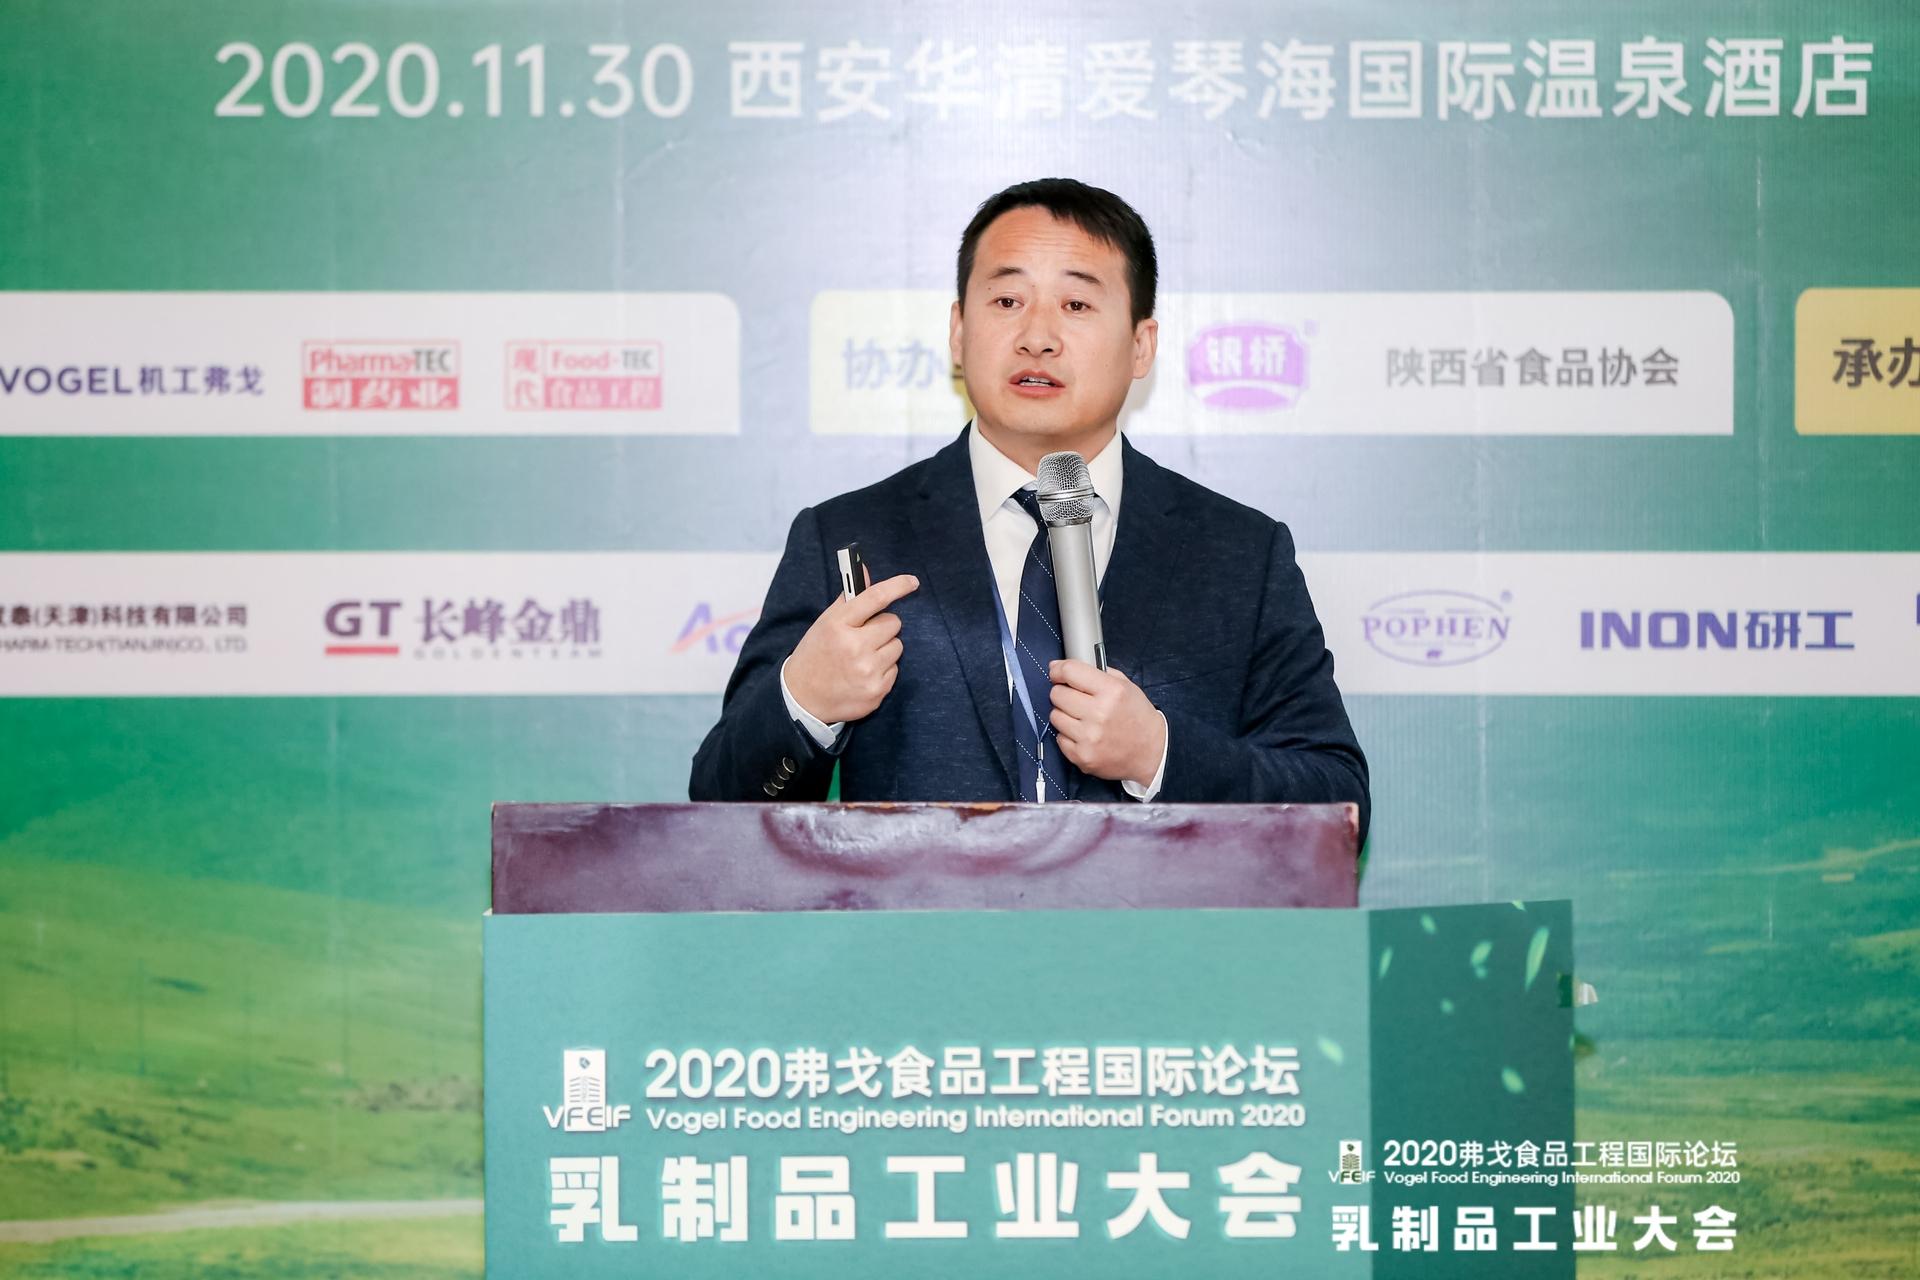 刘洪学,前伊利集团商学院高级培训经理,北京思正方达管理咨询有限公司总经理